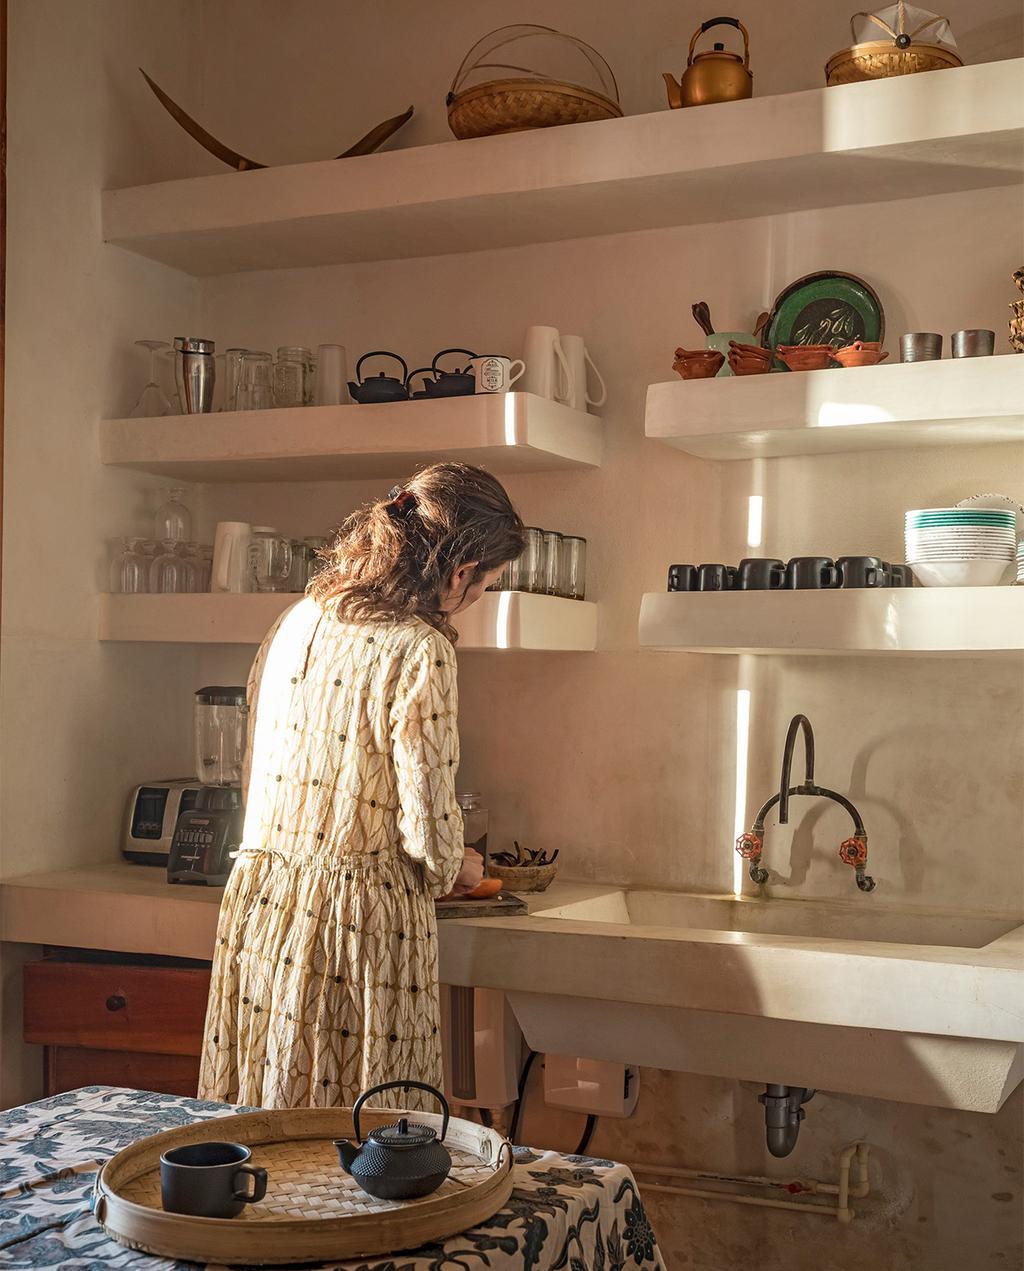 vtwonen casas especiais de verão 07-2021 |  cozinha com cores claras